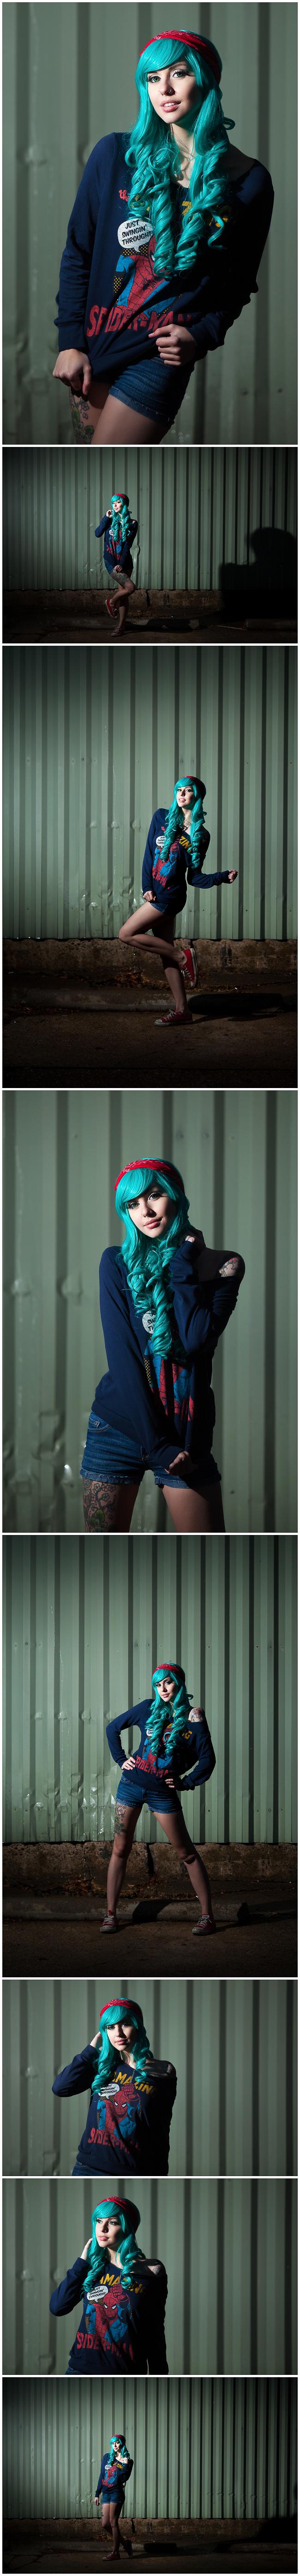 Model Photography, Nashville, Emily McGonigle Photography, Alexa Poletti